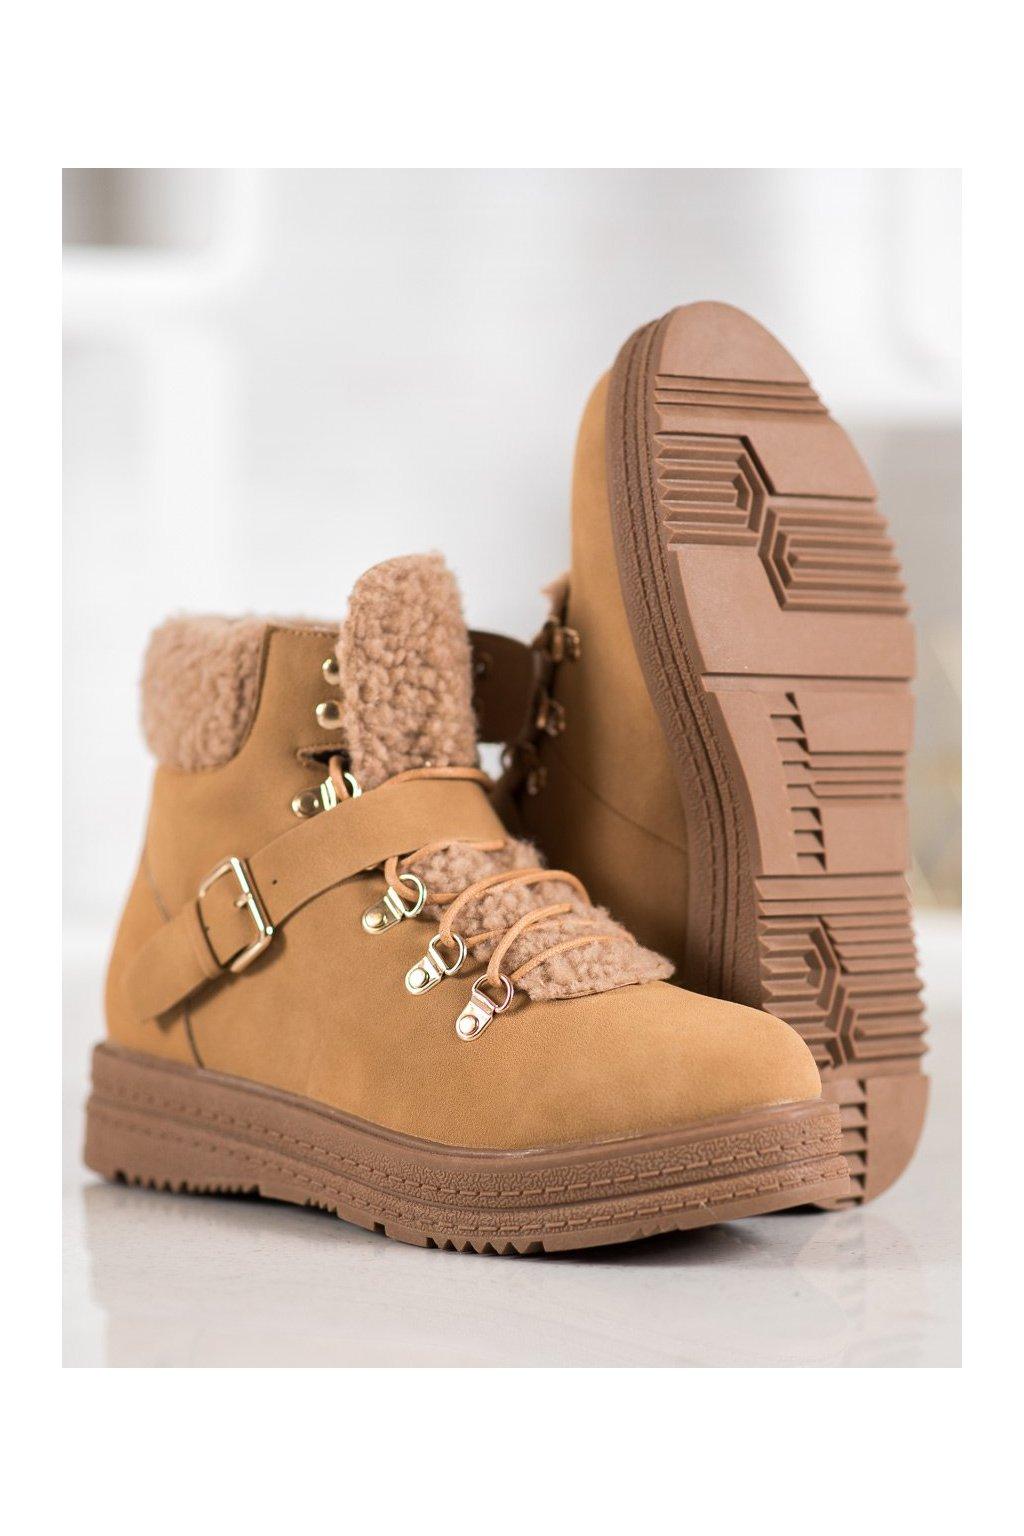 Hnedé dámske topánky Vices kod 8317-17C